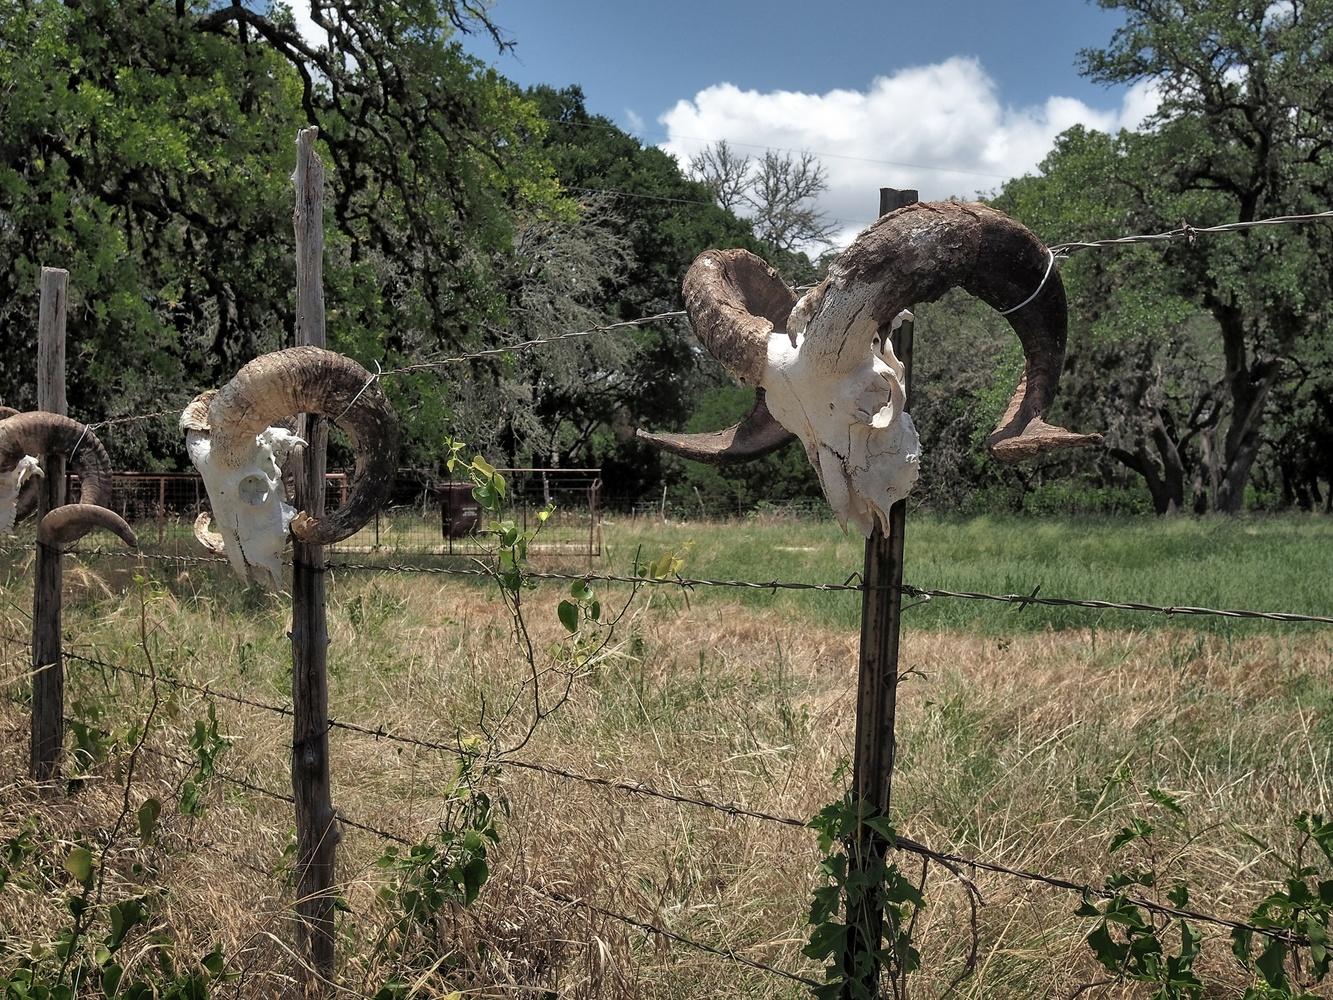 Kerrvile Texas by Steve Carson